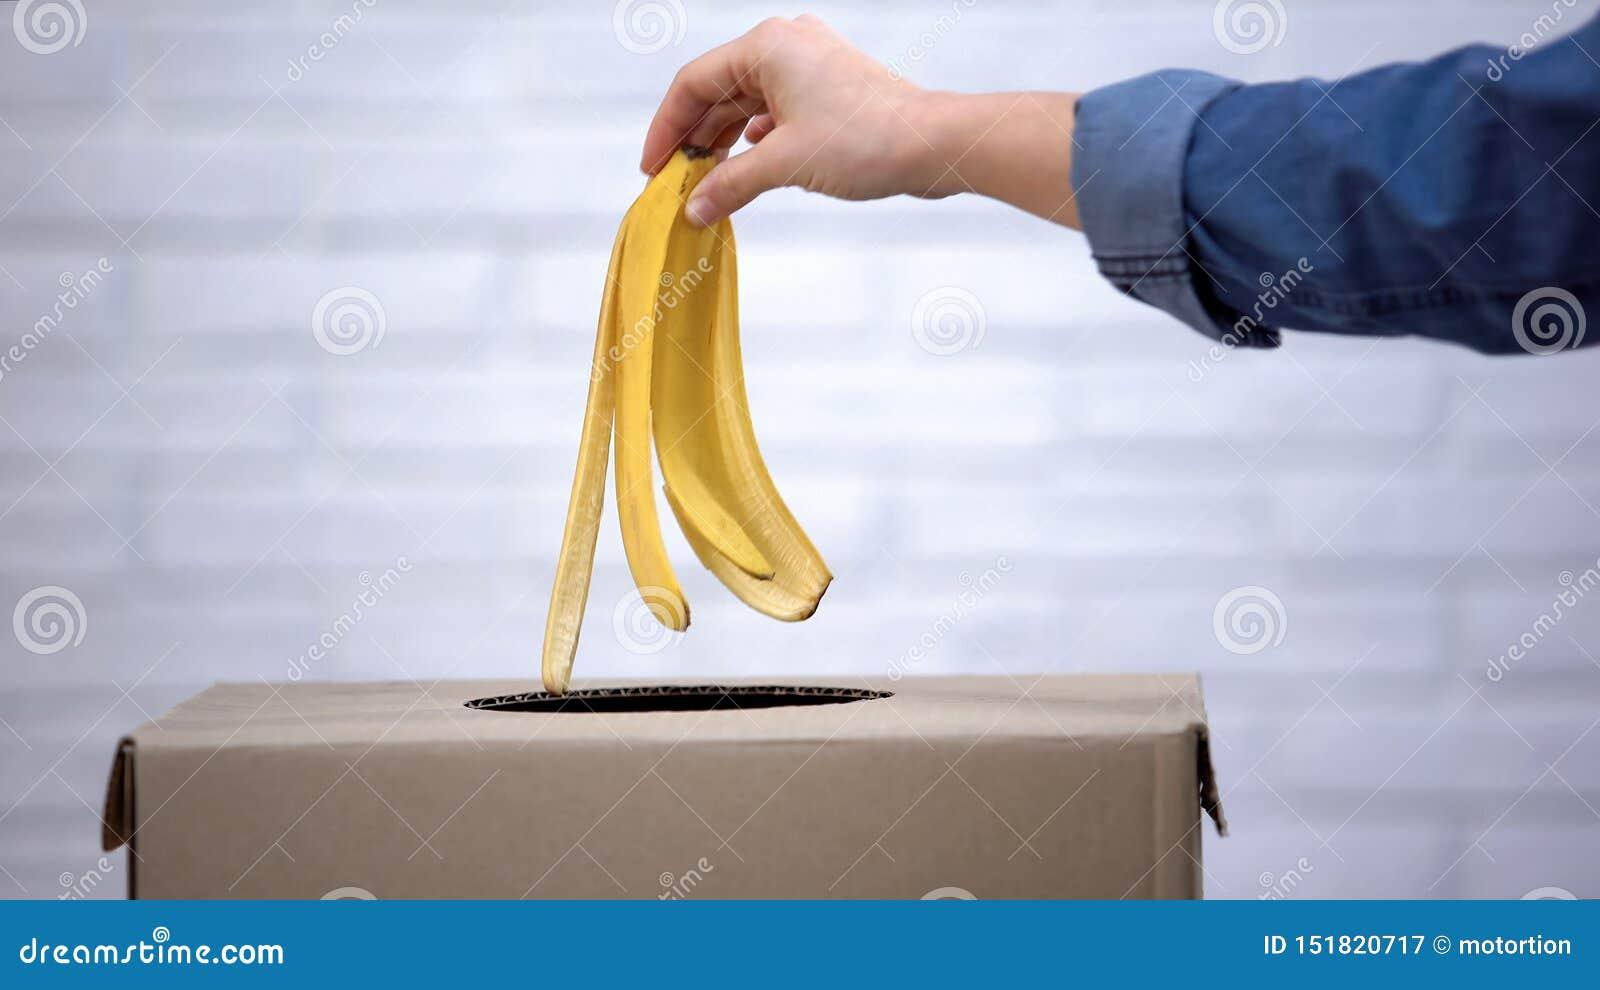 Casca de jogo da banana da mão no escaninho de lixo, reciclando o desperdício que classifica, close up